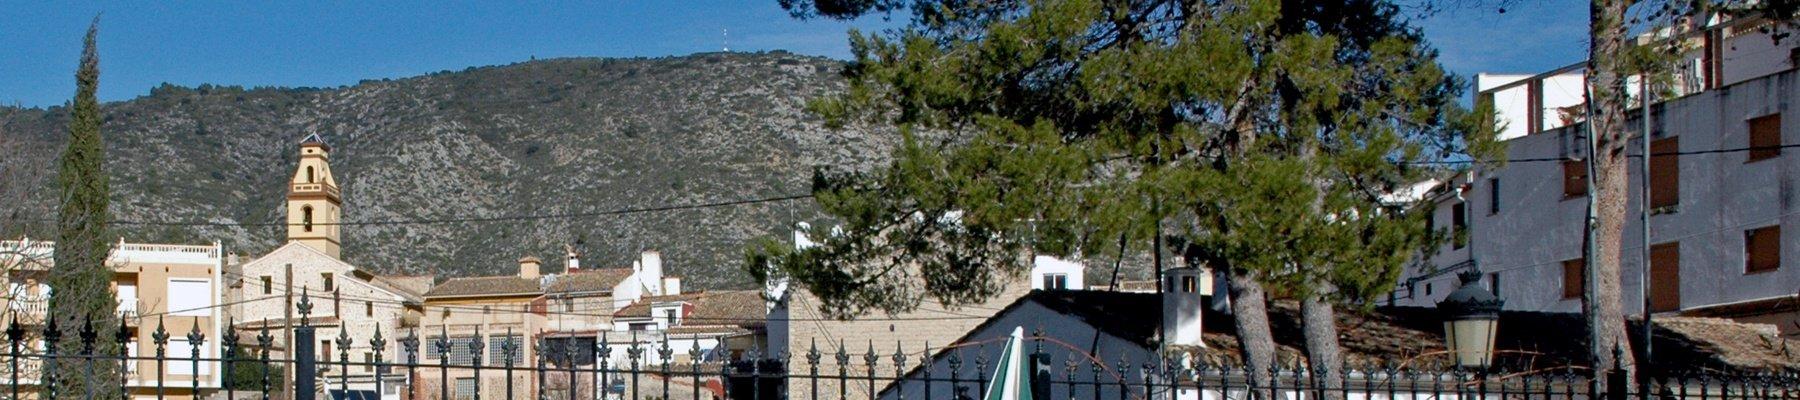 Información Socioeconómica y Laboral del Municipio de Castell de Castells